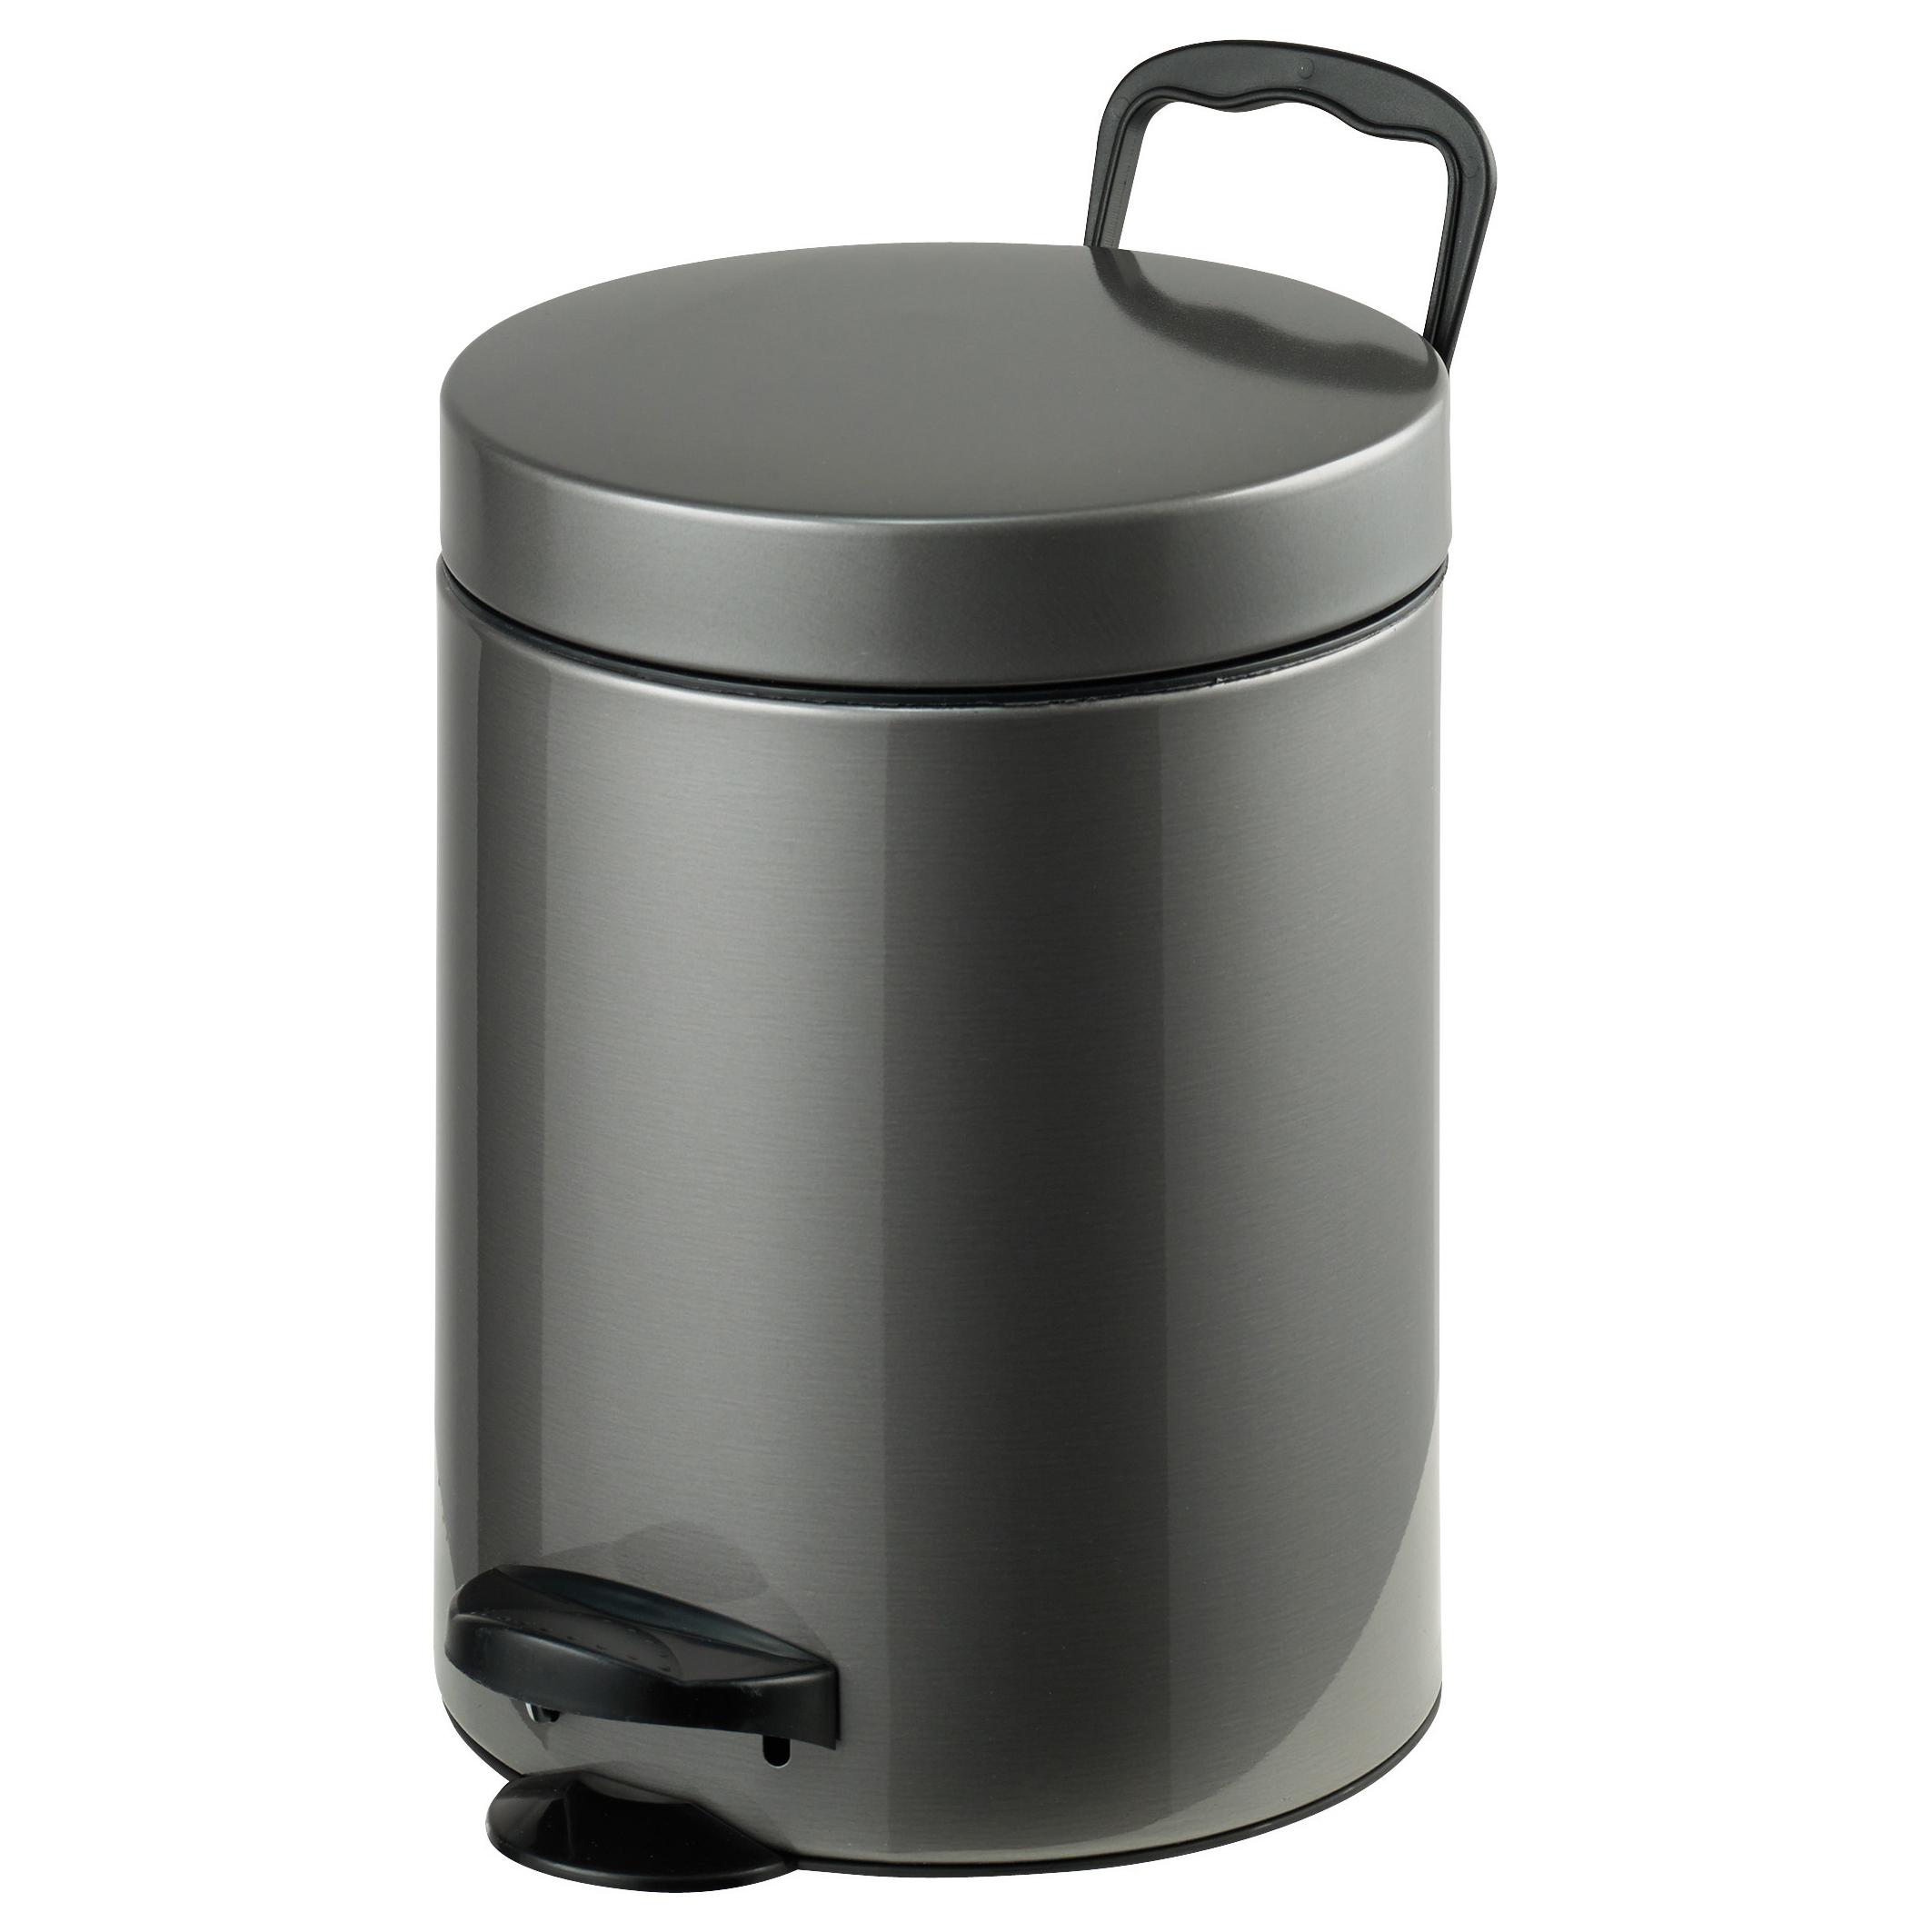 Ведро для мусора Axentia, с педалью, 5 л116933Ведро для мусора Axentia изготовлено из нержавеющей стали. Изделие оснащено крышкой, ручкой для переноски и педалью для более удобного использования. Такое ведро пригодится для мелкого мусора, а также прекрасно впишется в интерьер ванной комнаты.